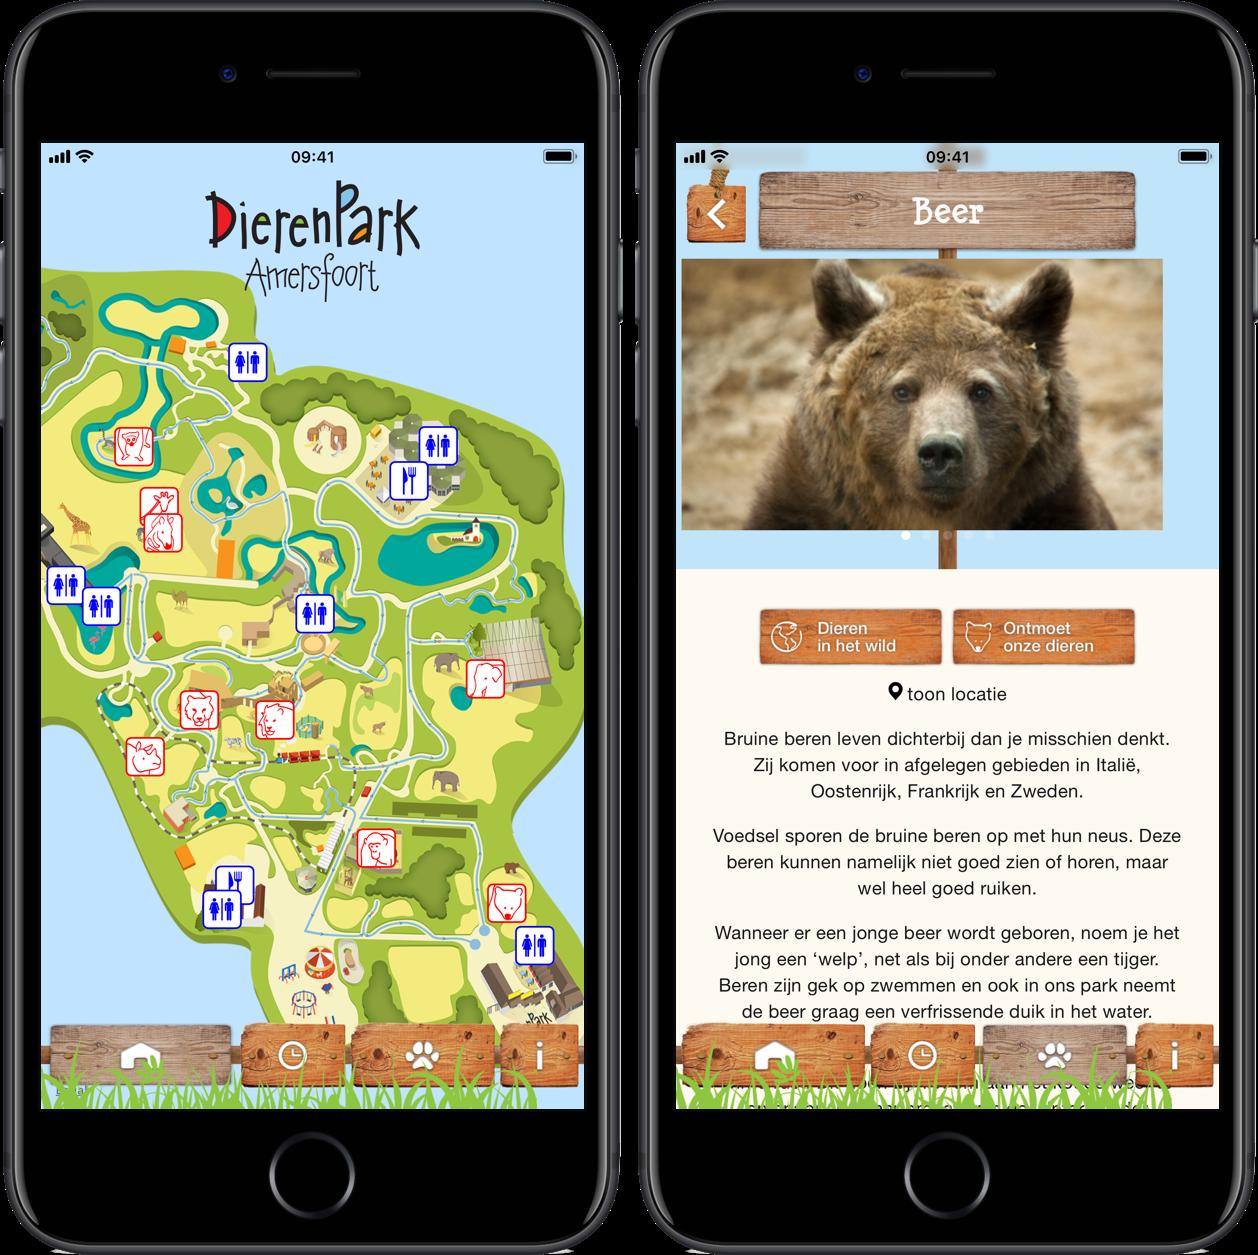 Dierenpark Amersfoort app